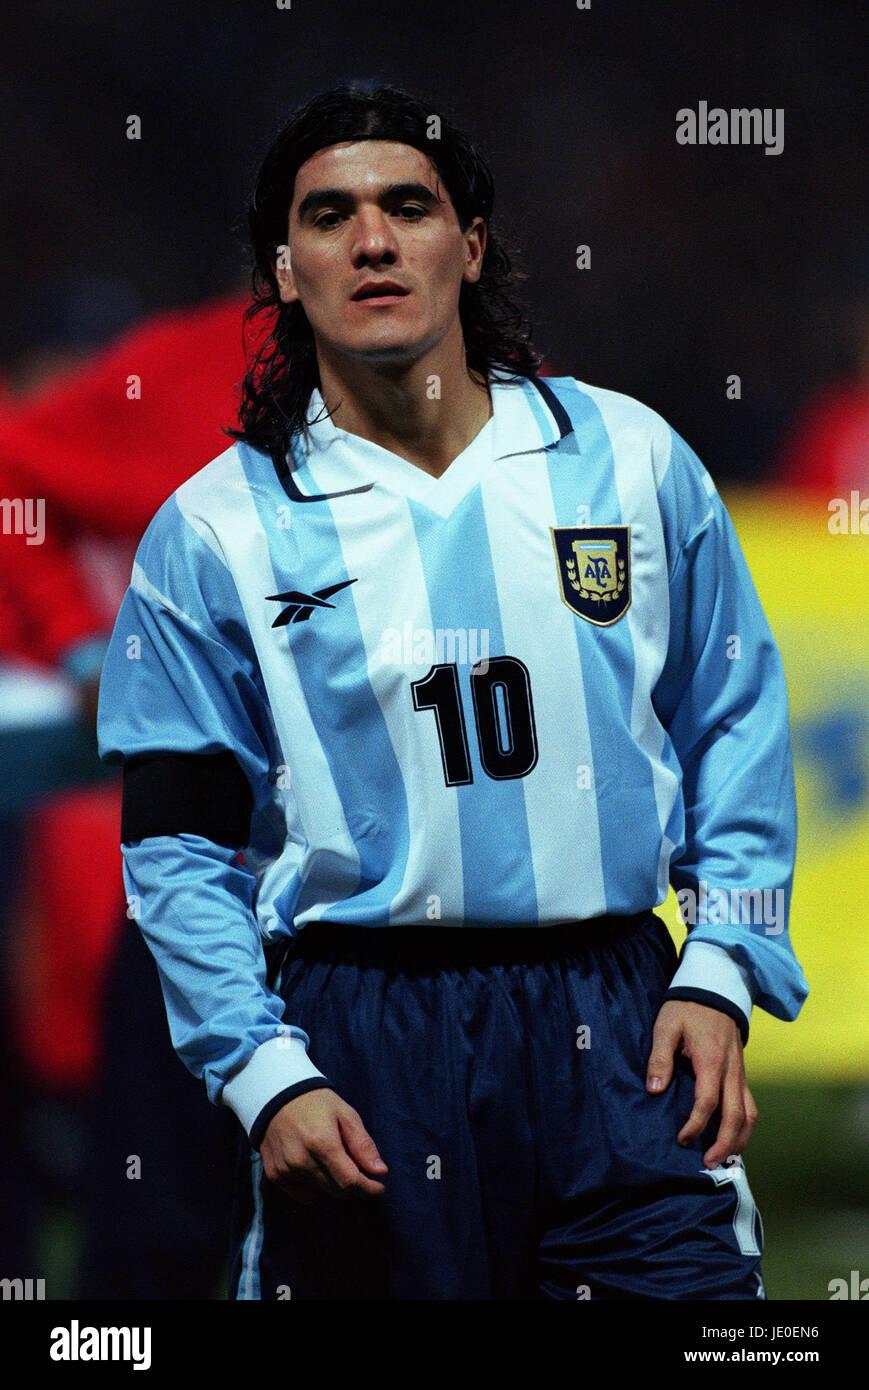 ff9298764 Ortega Argentina Stock Photos   Ortega Argentina Stock Images - Page ...